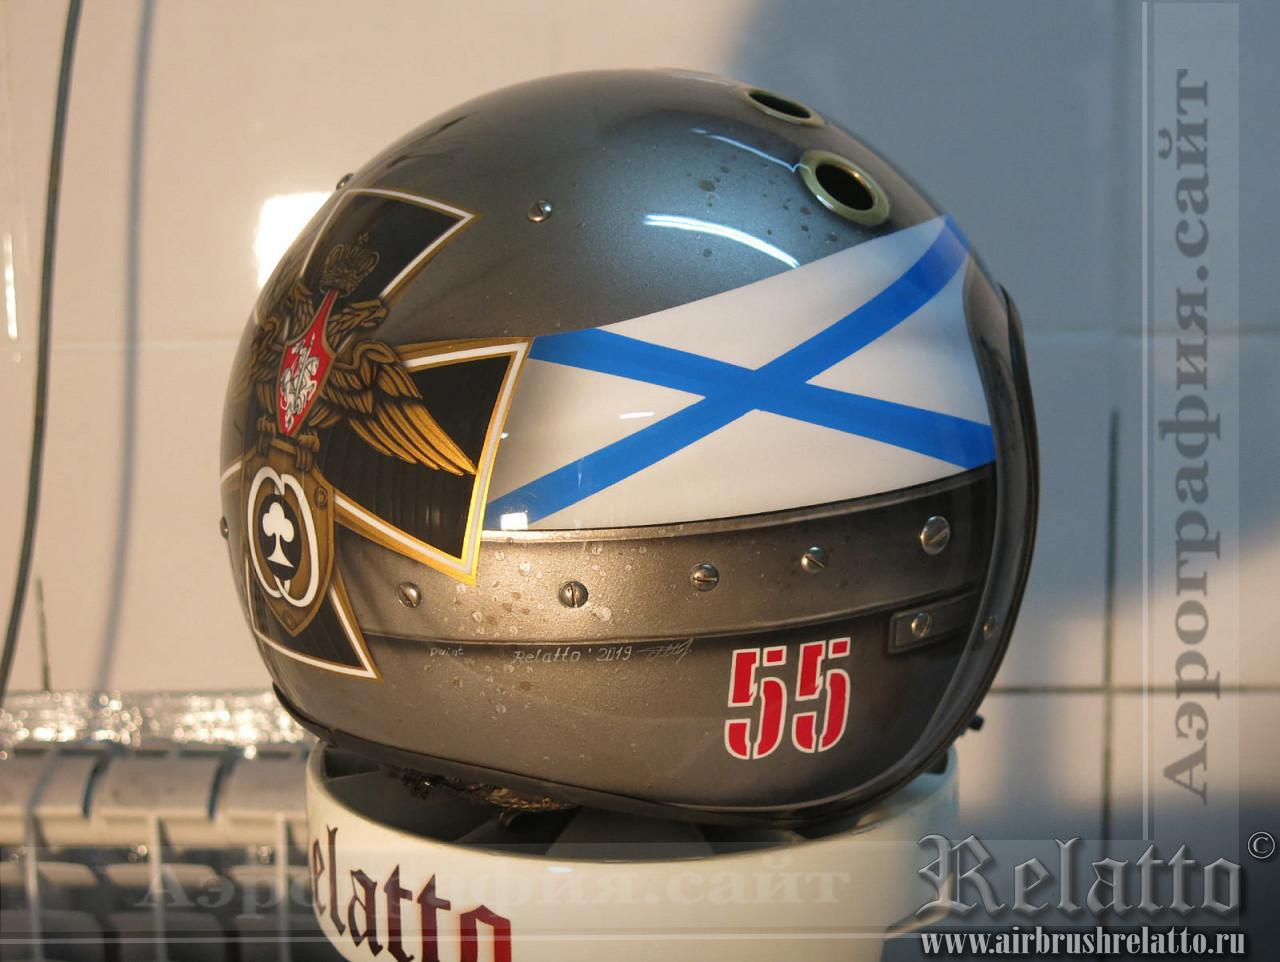 шлем ЗШ 7 аэрография в Белгороде